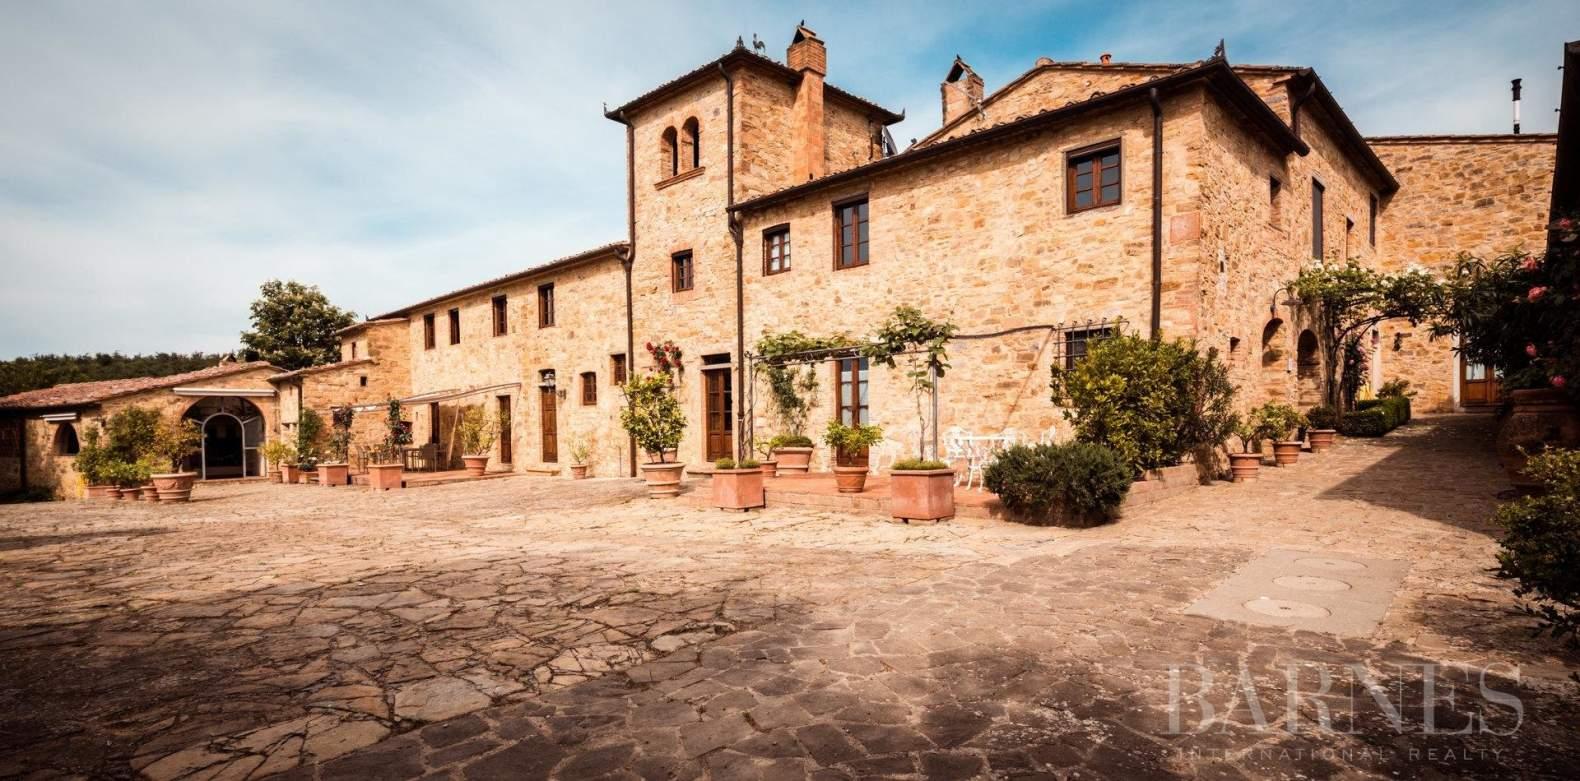 Barberino Tavarnelle  - Villa 10 Pièces 9 Chambres - picture 3